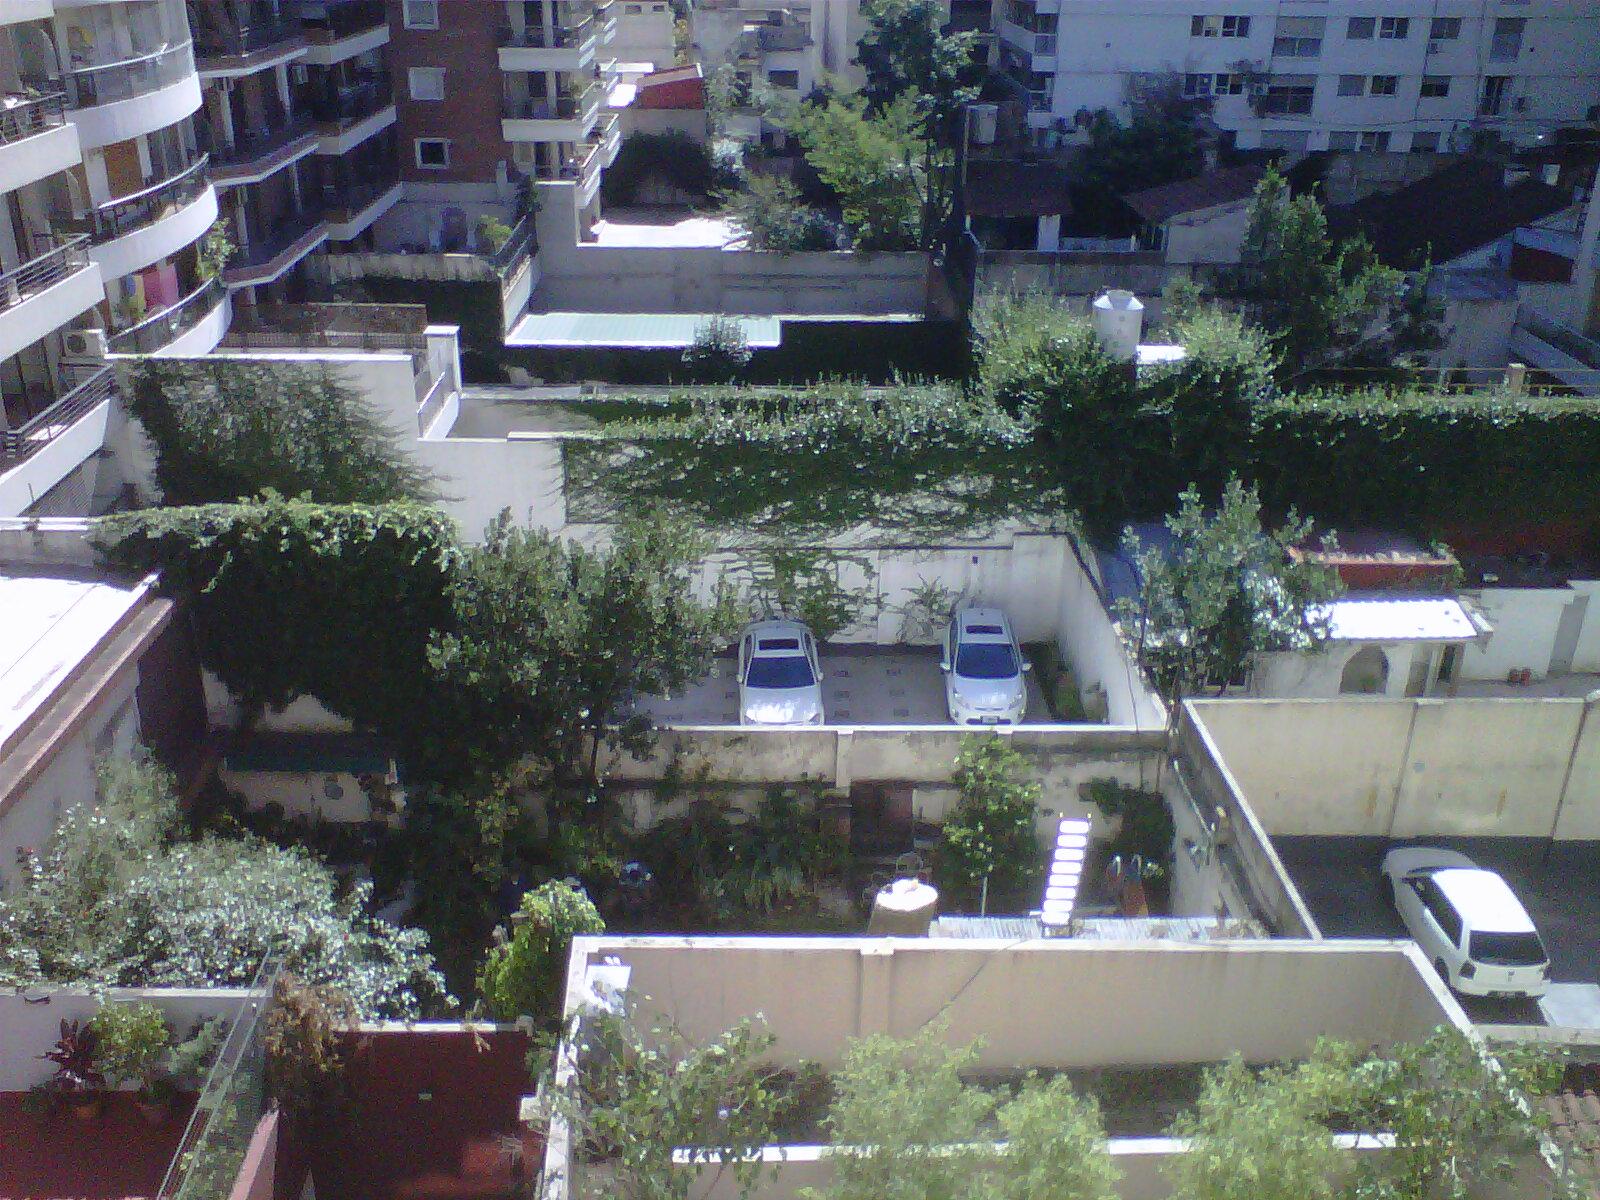 CASPA DE ESTRELLAS: ARBOLES Y EDIFICIOS